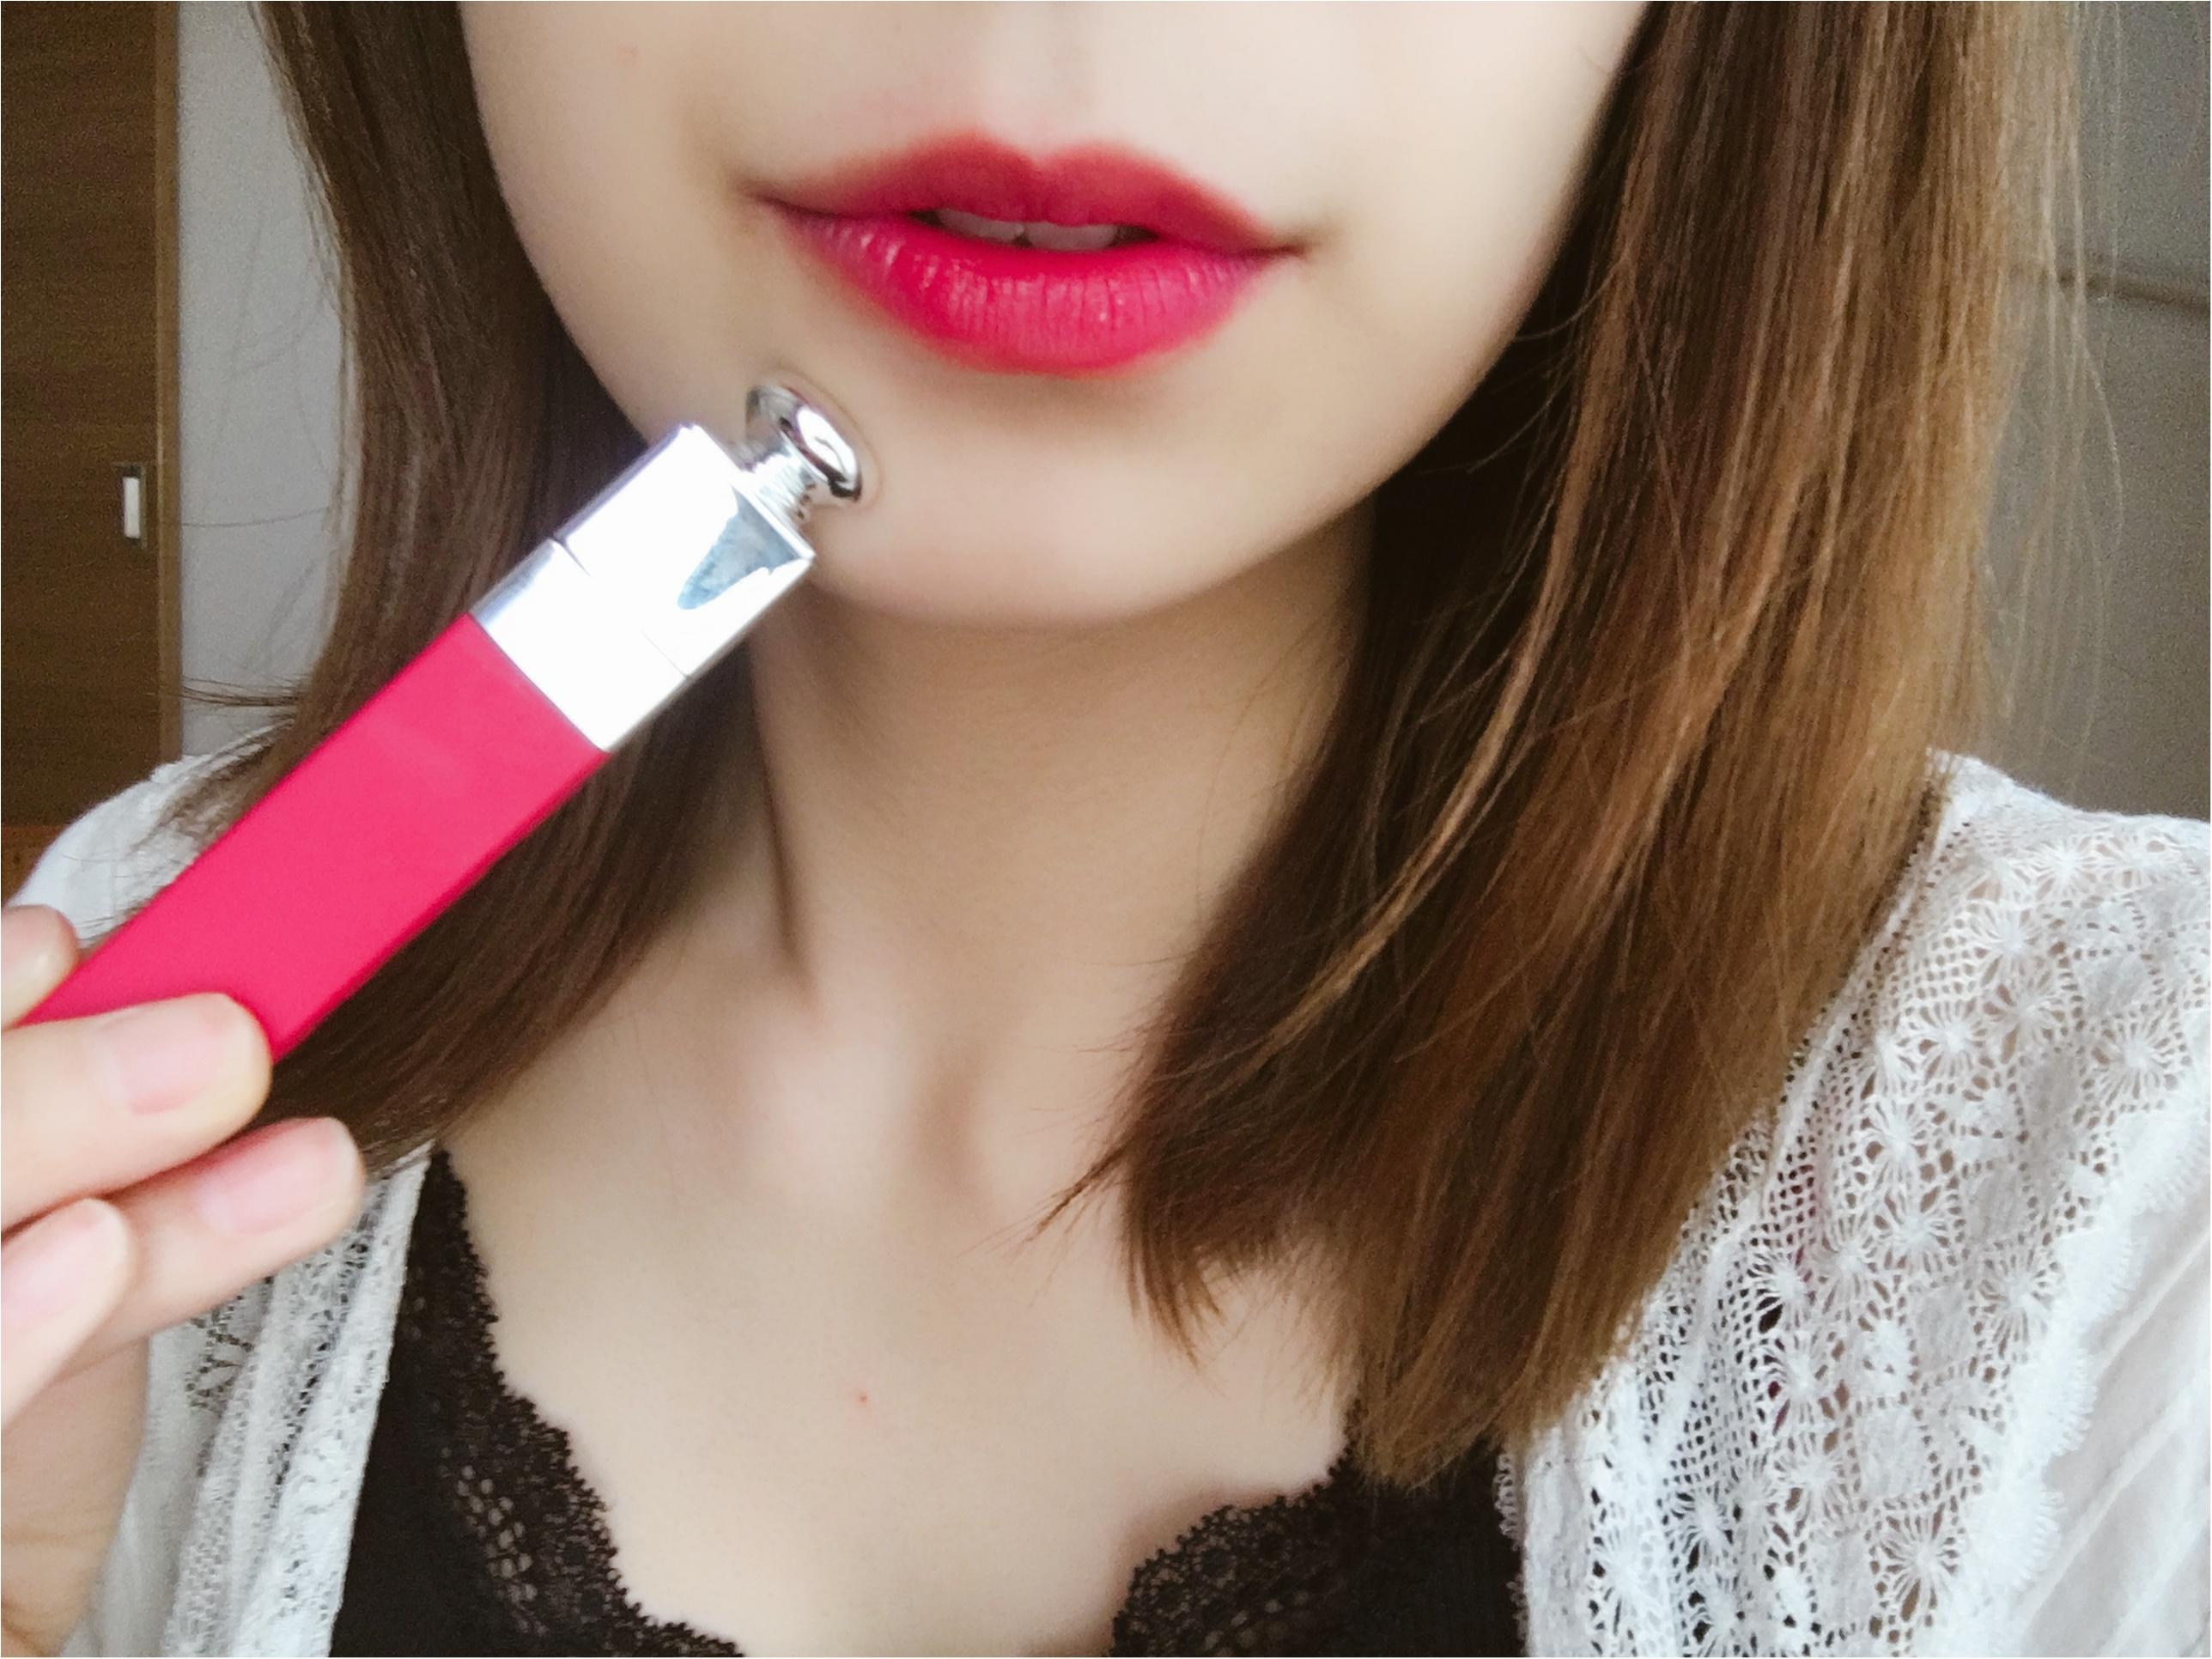 ★【Dior】アディクトリップティント!キスしても色移りしないんだって♡!!_3